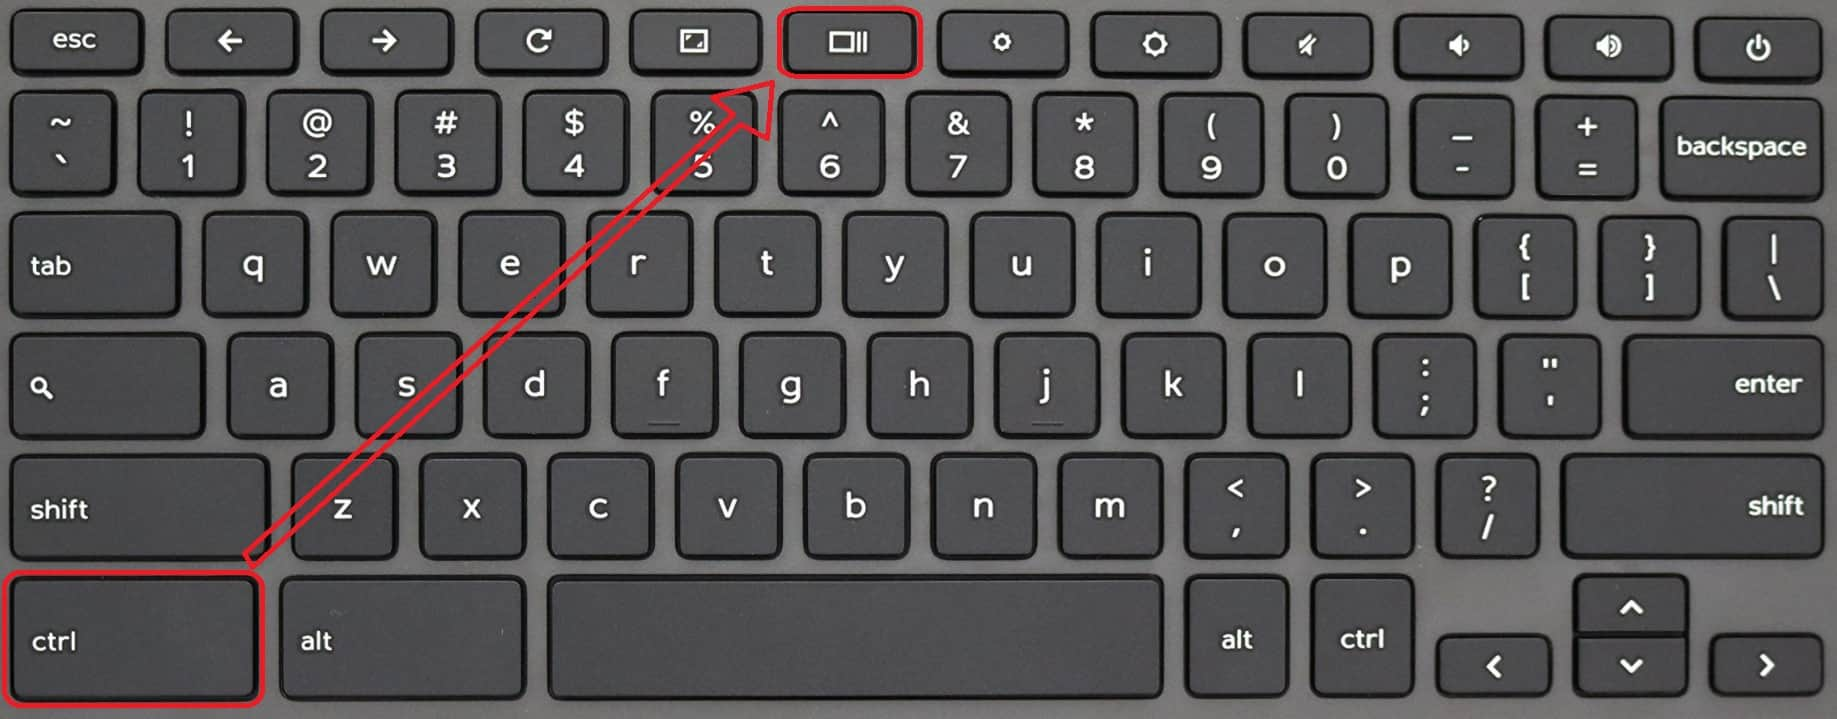 Keyboard full screenshot